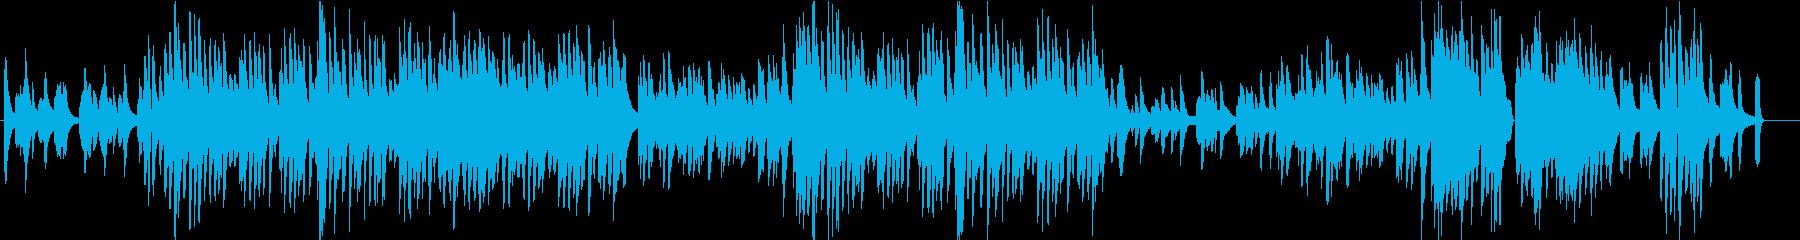 怪しくおしゃれなピアノソロBGMの再生済みの波形